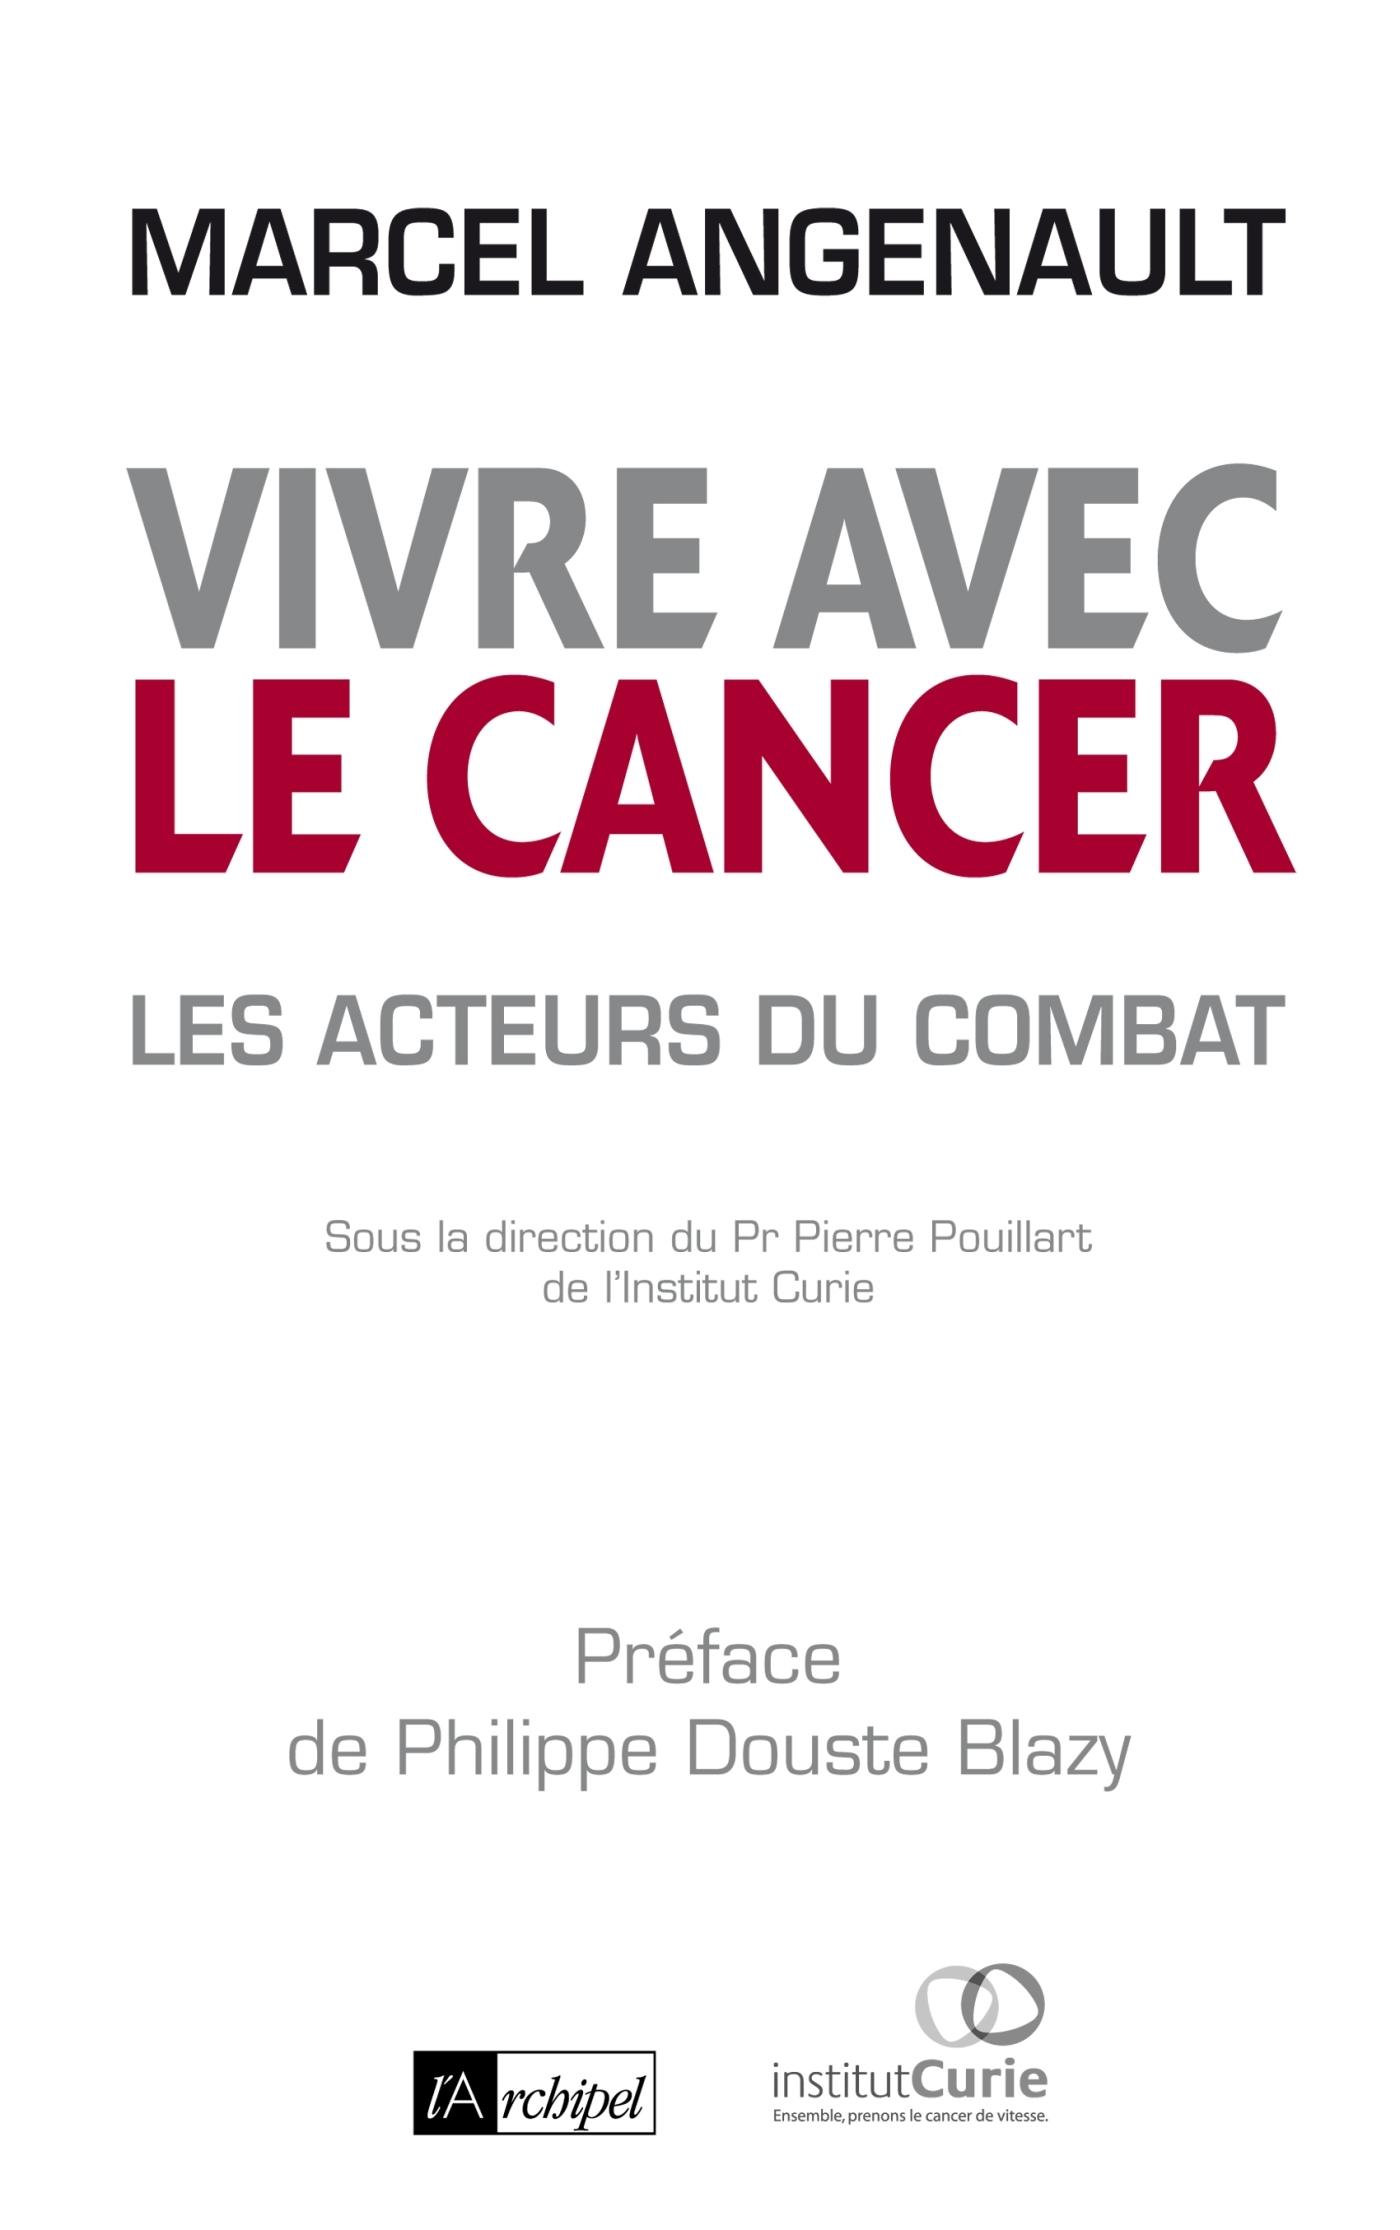 VIVRE AVEC LE CANCER